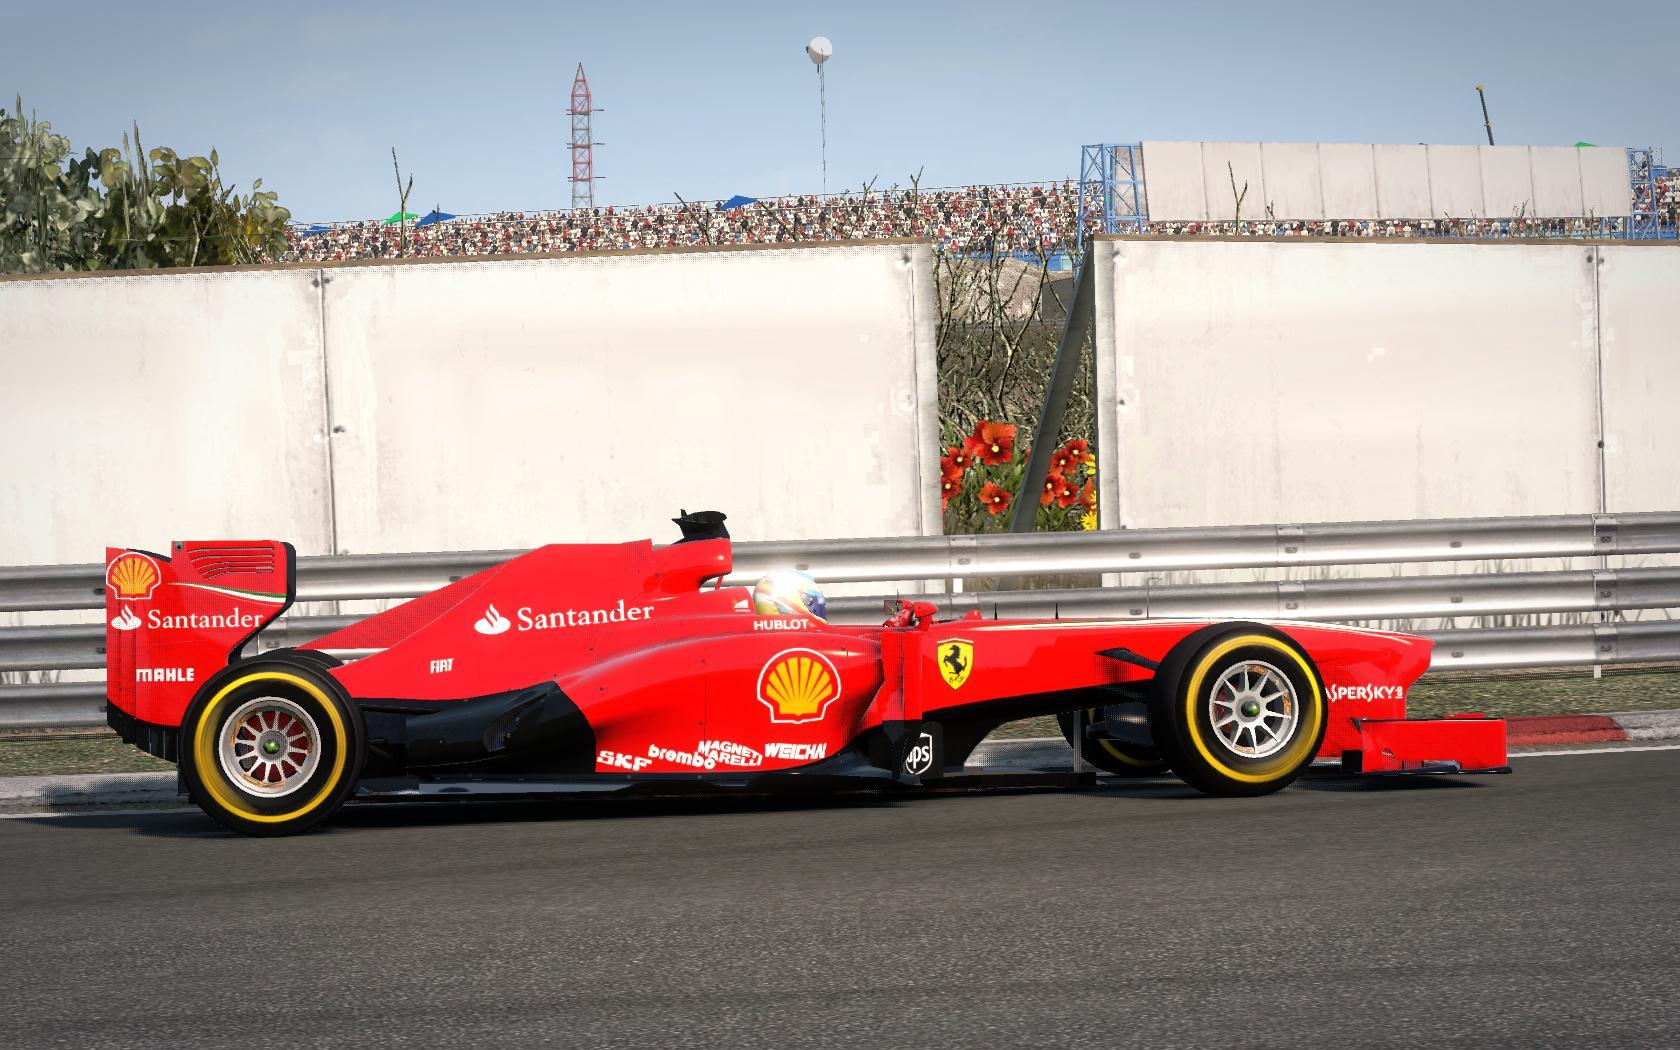 F1_2013 2016-03-13 15-46-41-42.jpg